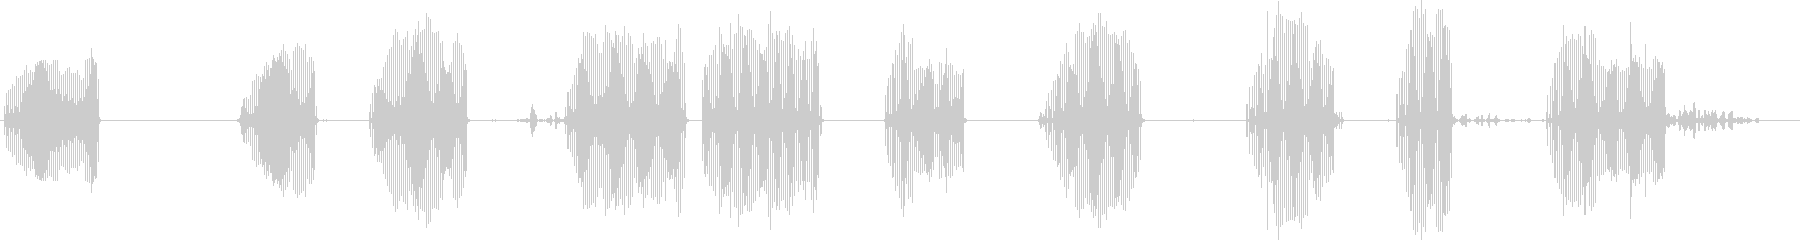 フリッカー、ノーザンチャープ、ノッ...の未再生の波形